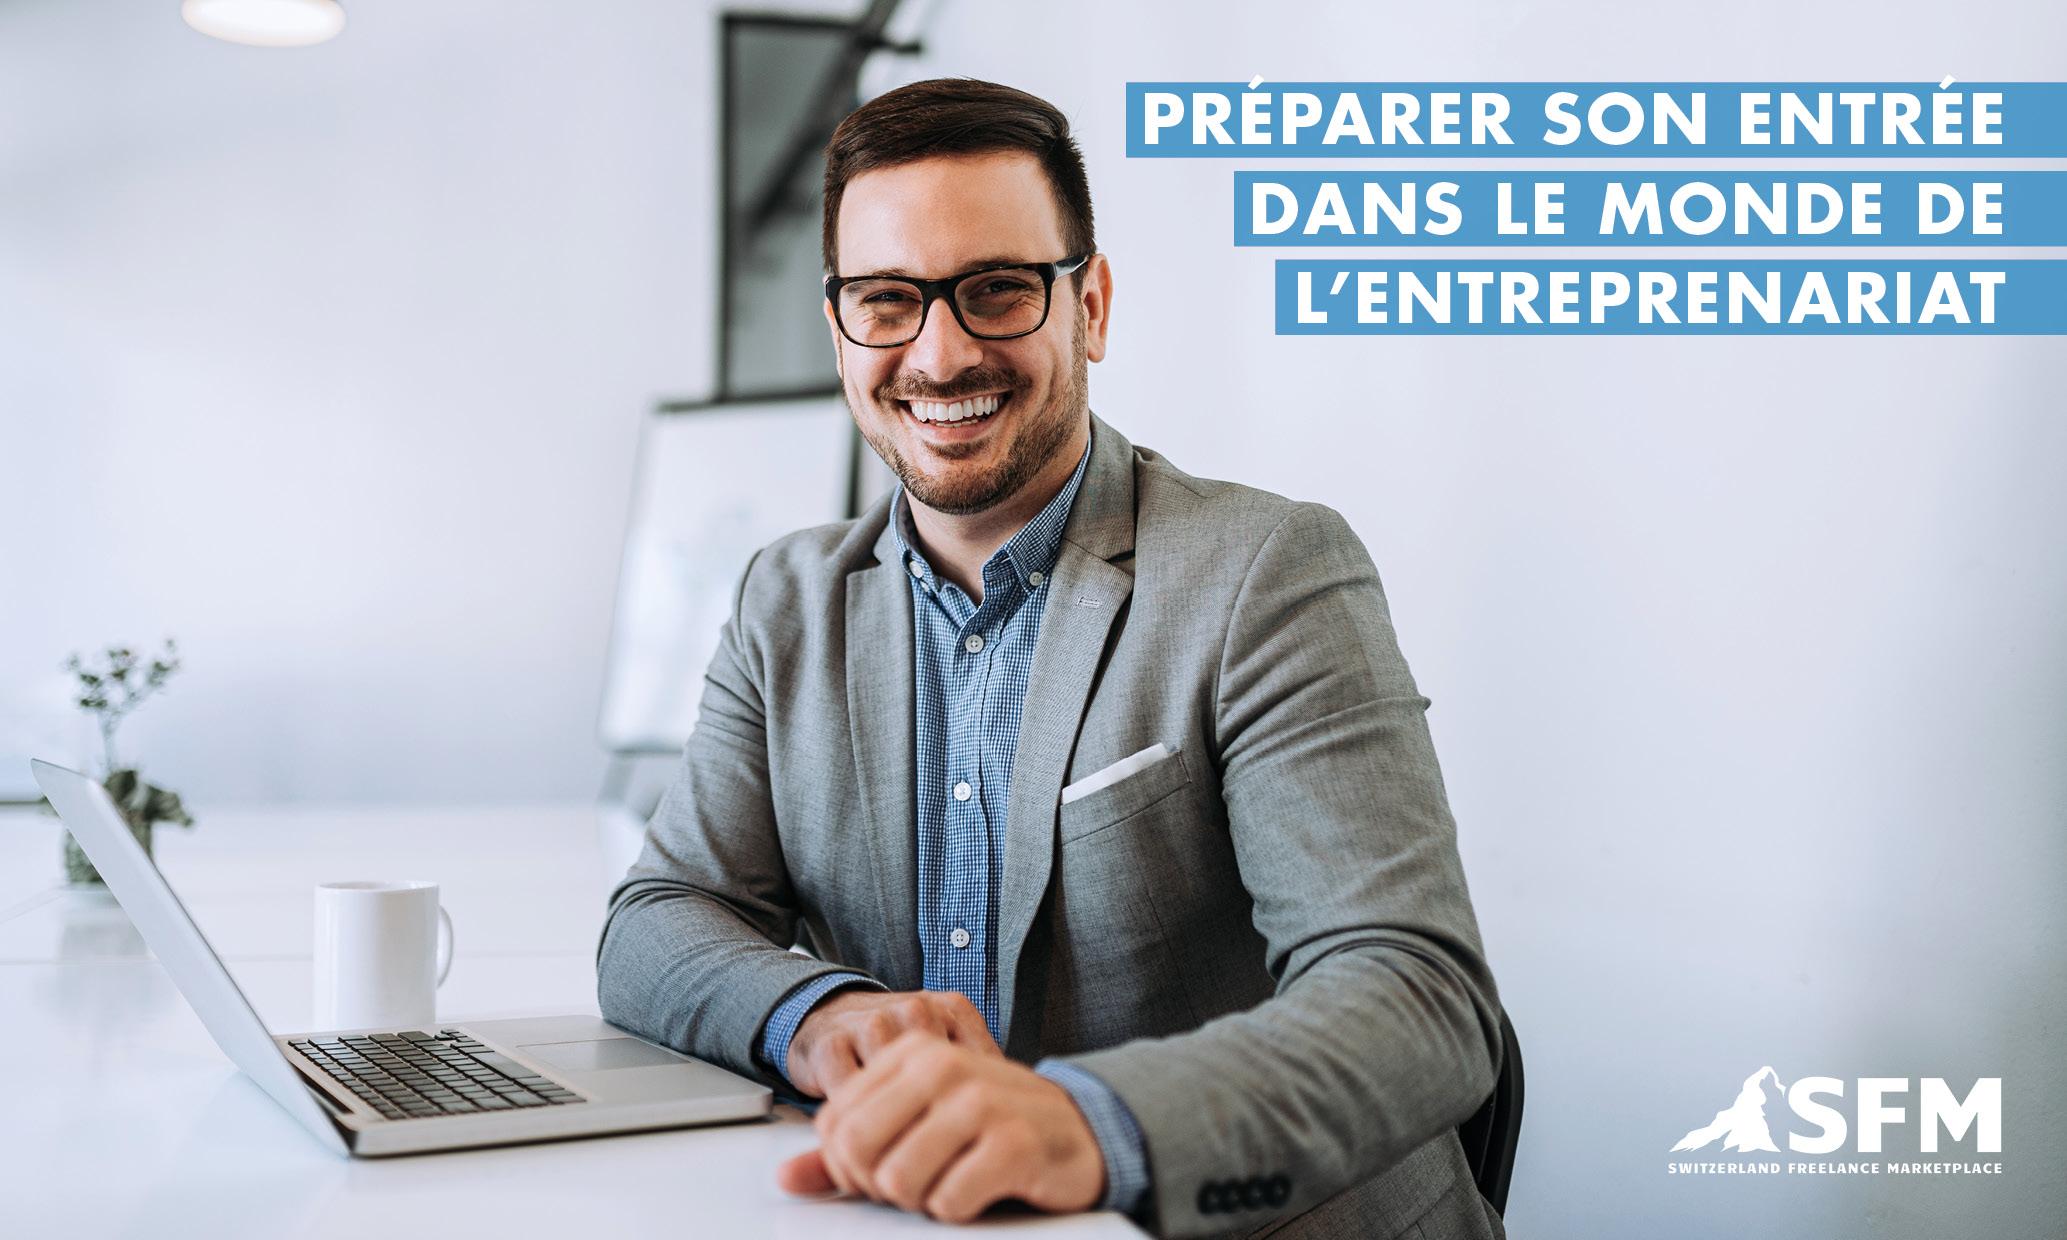 Préparer son entrée dans le monde de l'entreprenariat